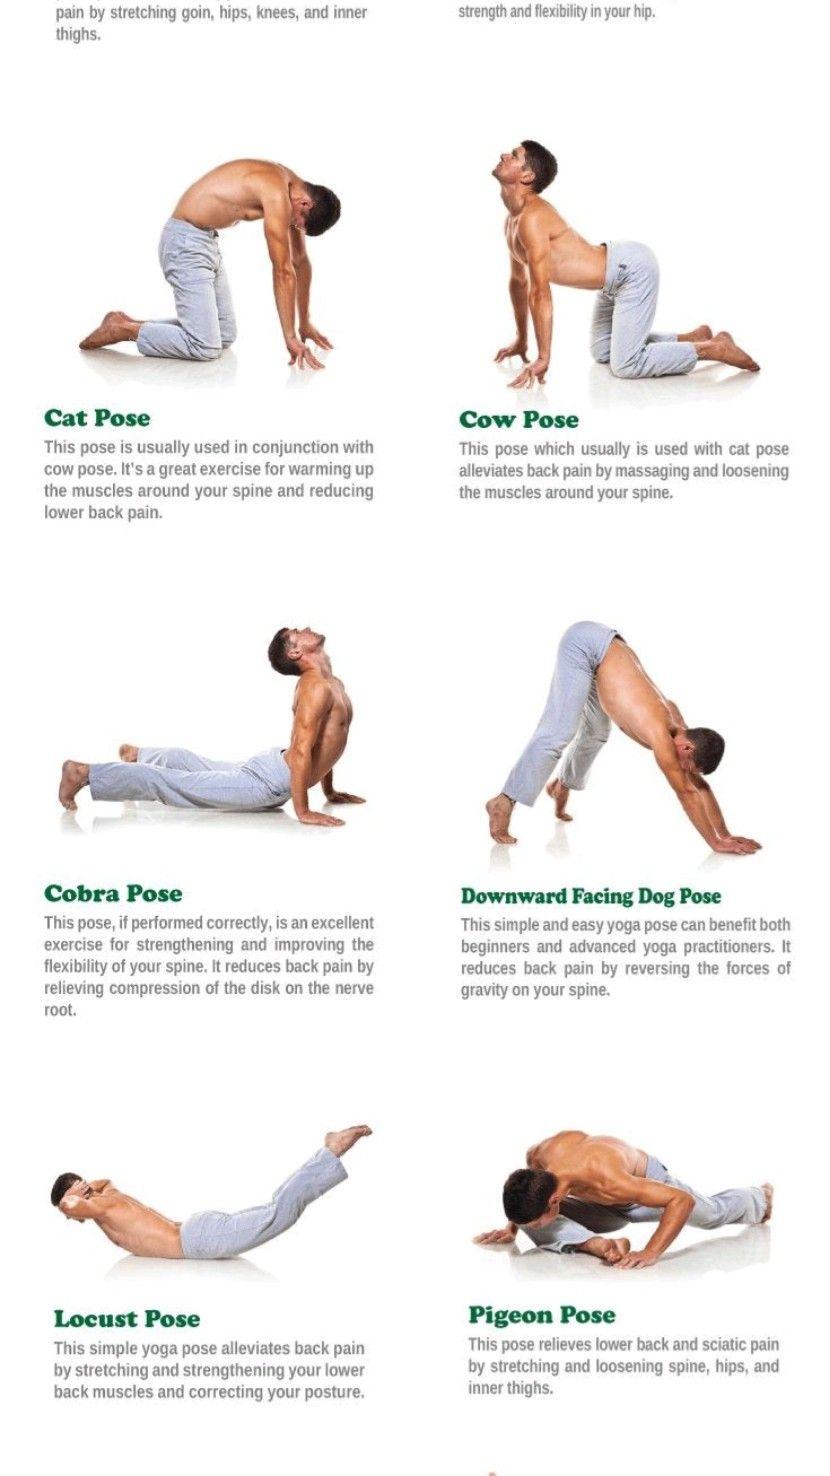 Health fitnes exercises